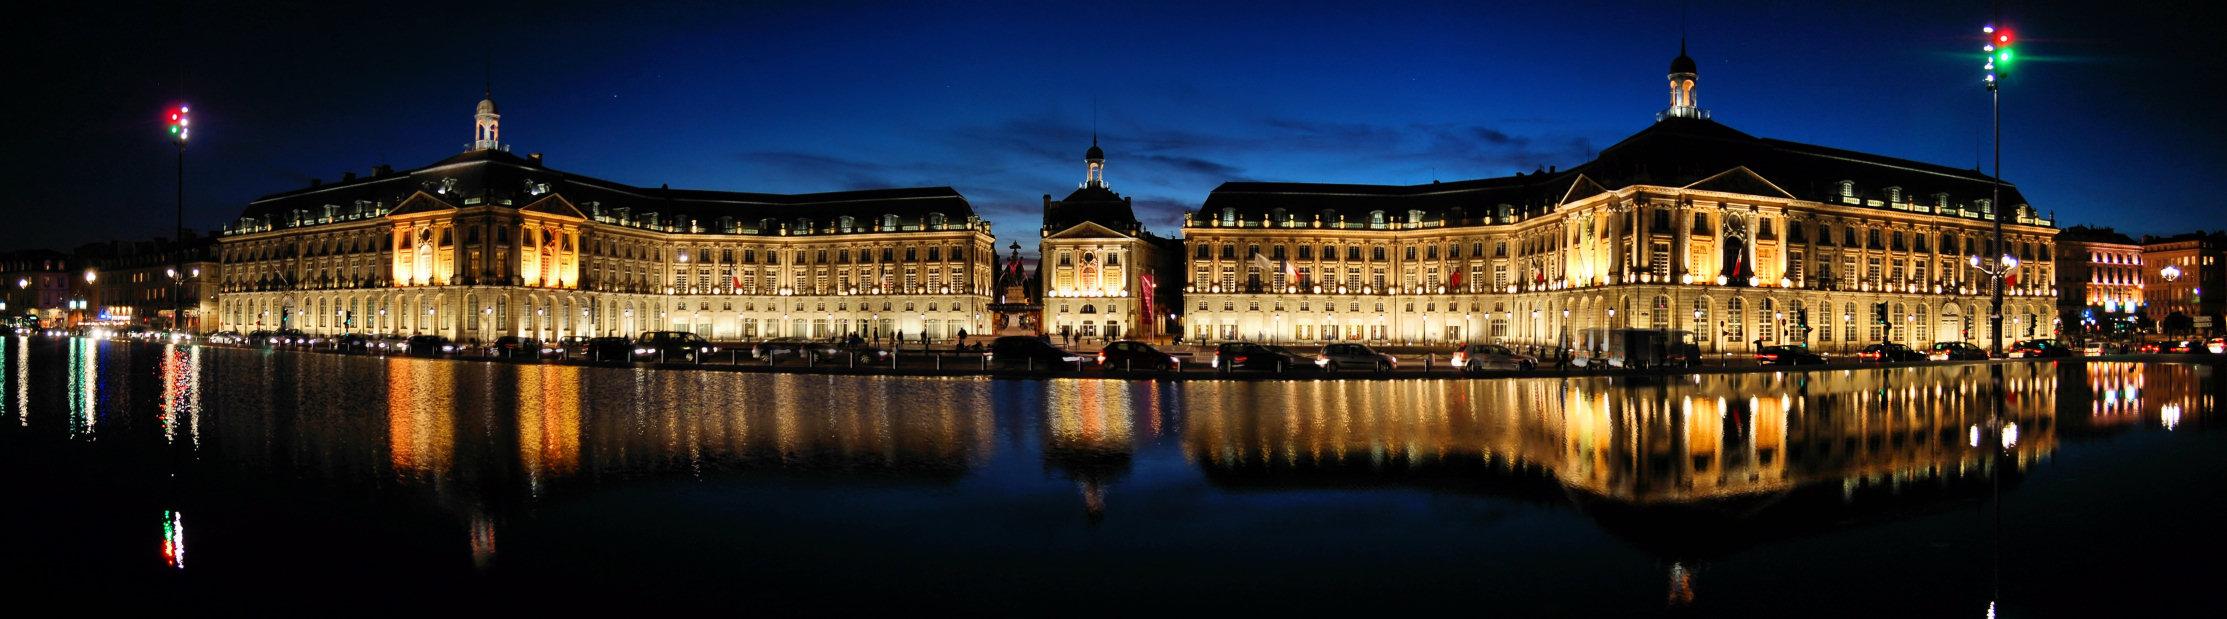 Place de la Bourse, Bordeaux. Il punto di partenza di questo viaggio. La piazza è riflessa nello specchio d'acqua più grande del mondo